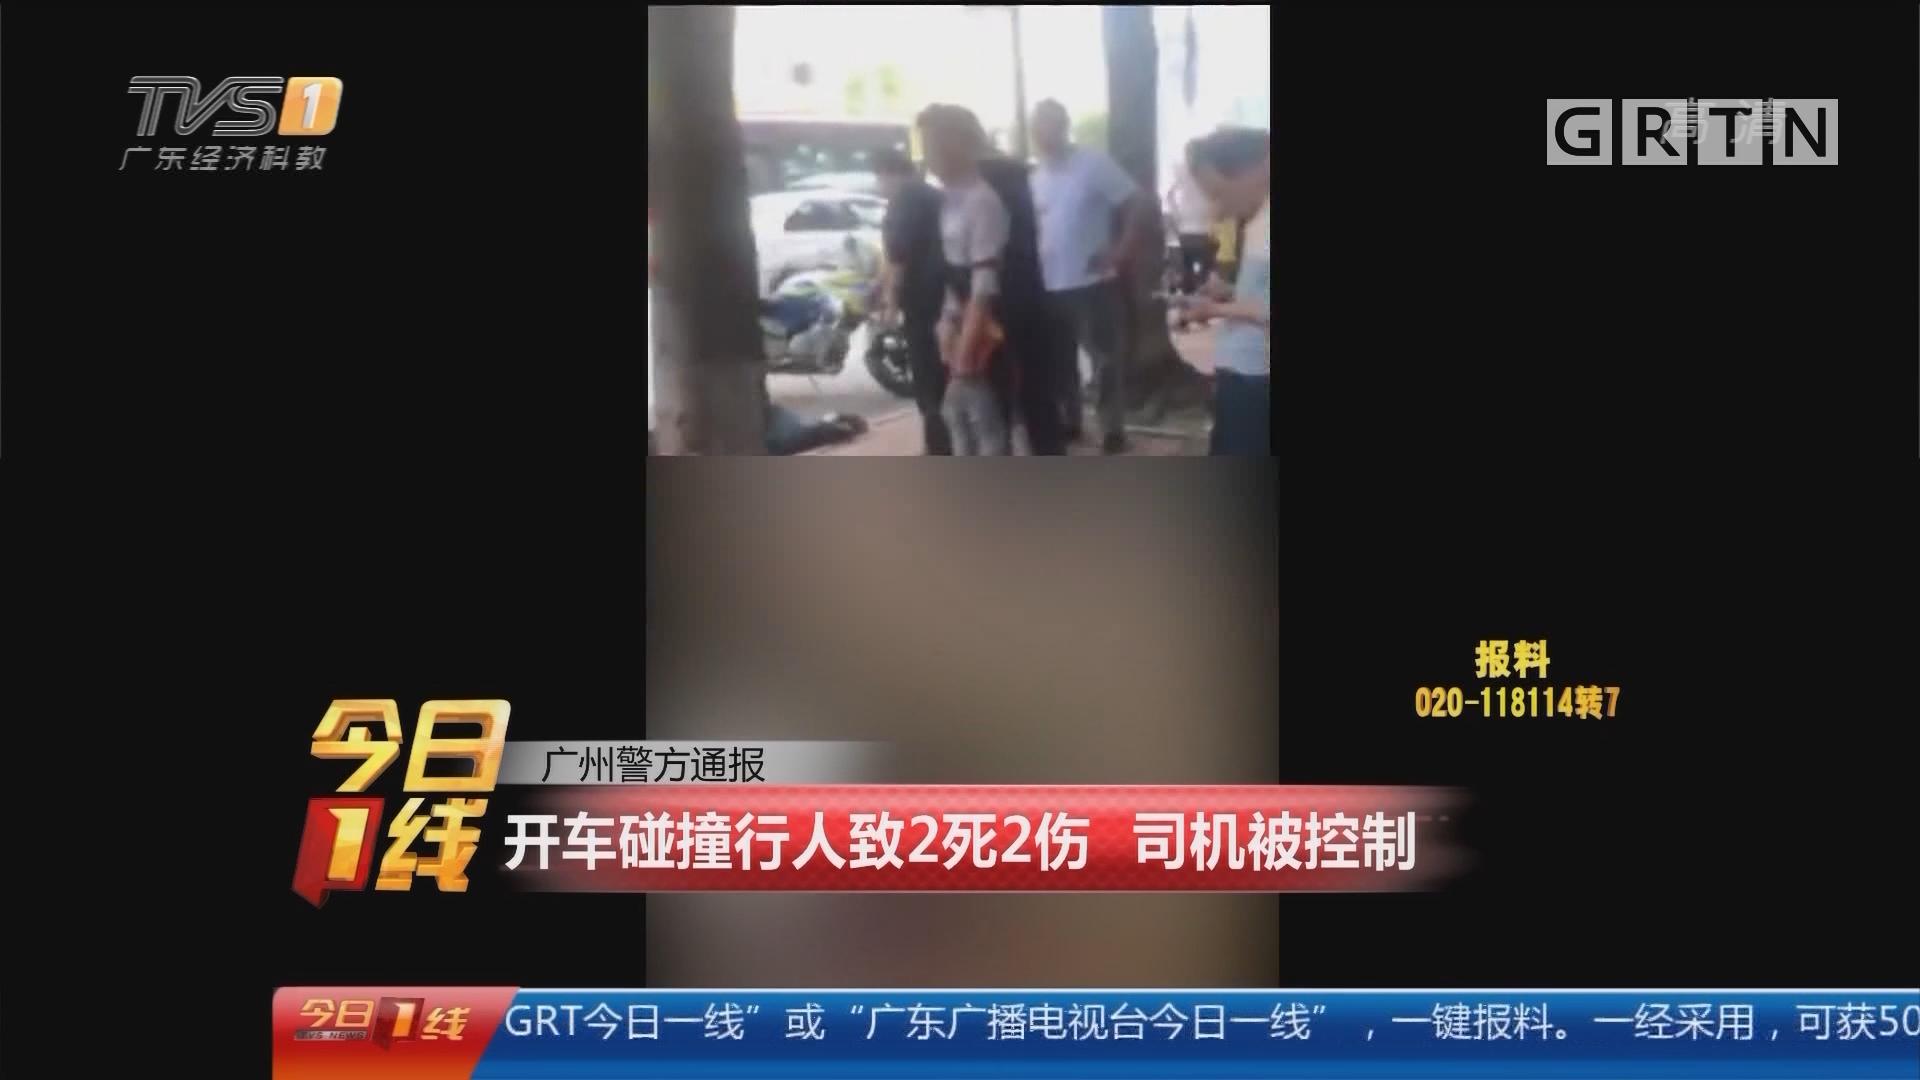 广州警方通报:开车碰撞行人致2死2伤 司机被控制